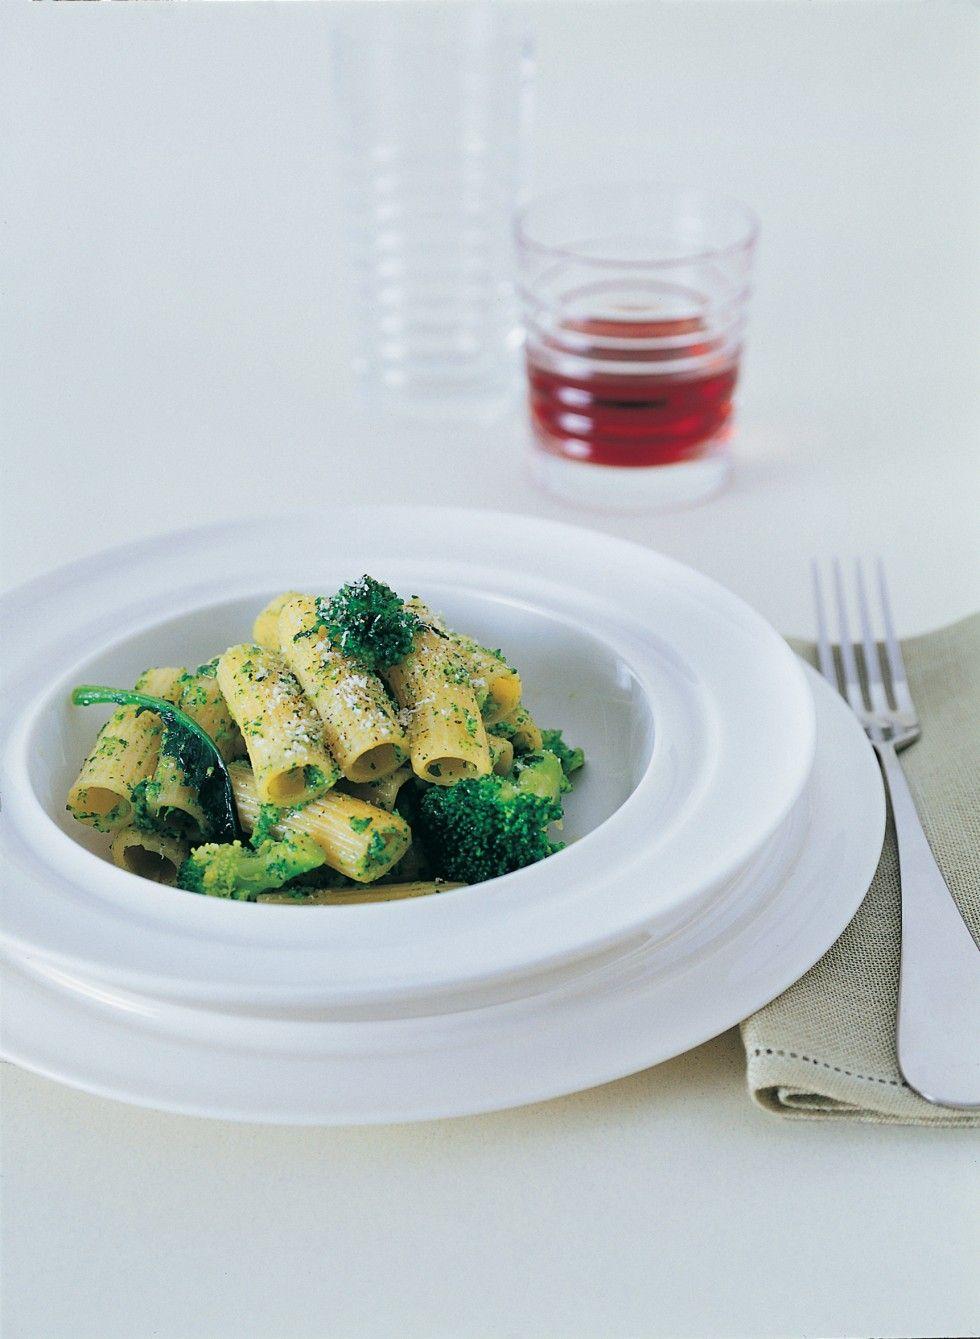 Pulite il broccolo, dividetelo in cimette e lessatele otto minuti in abbondante acqua salata, sgocciolatele e conservate l'acqua per la cottura della...